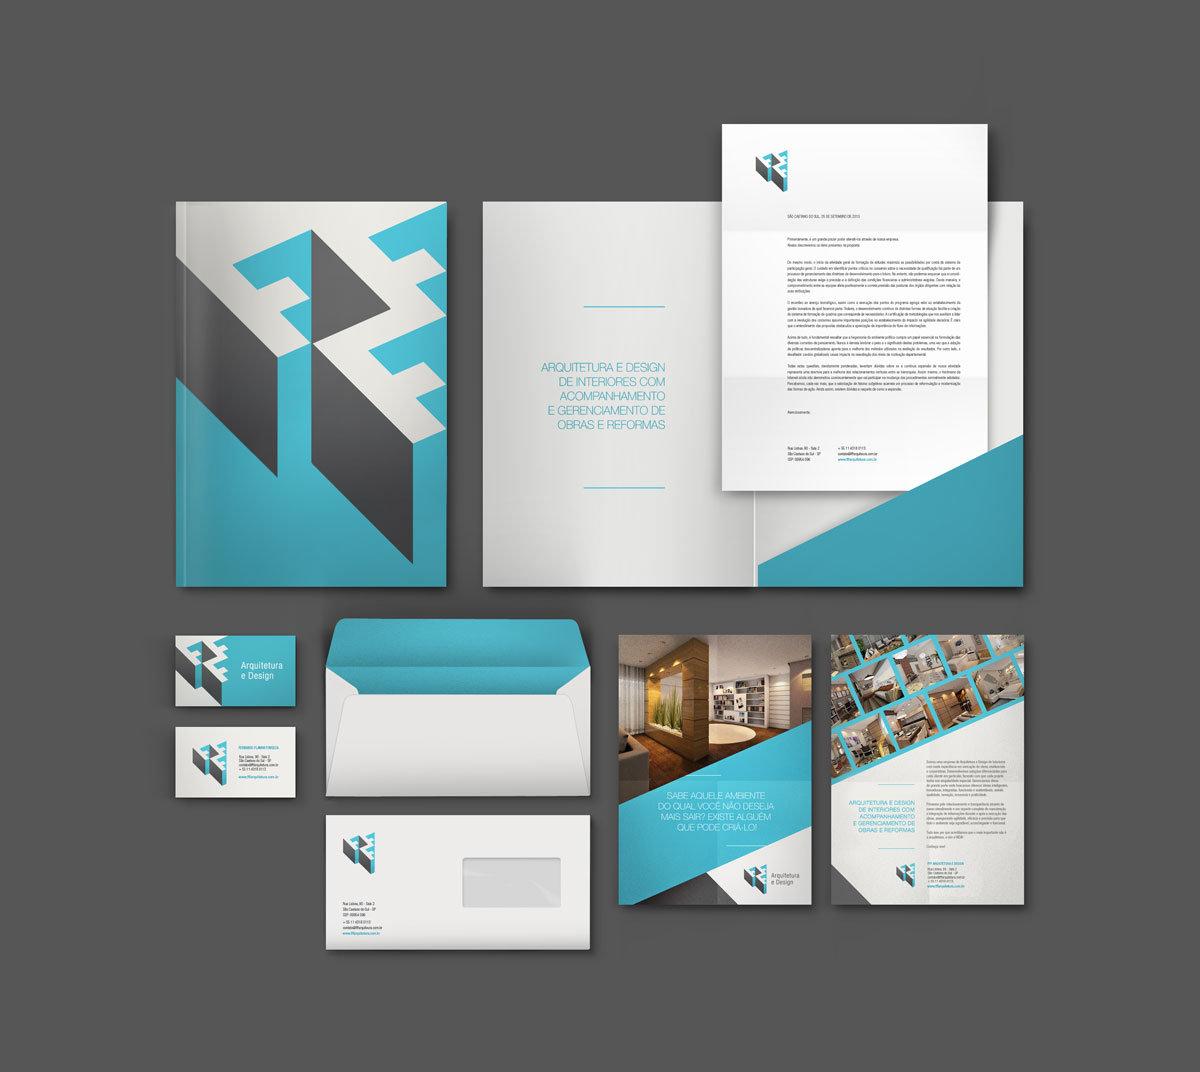 FFF Arquitetura de marca branding